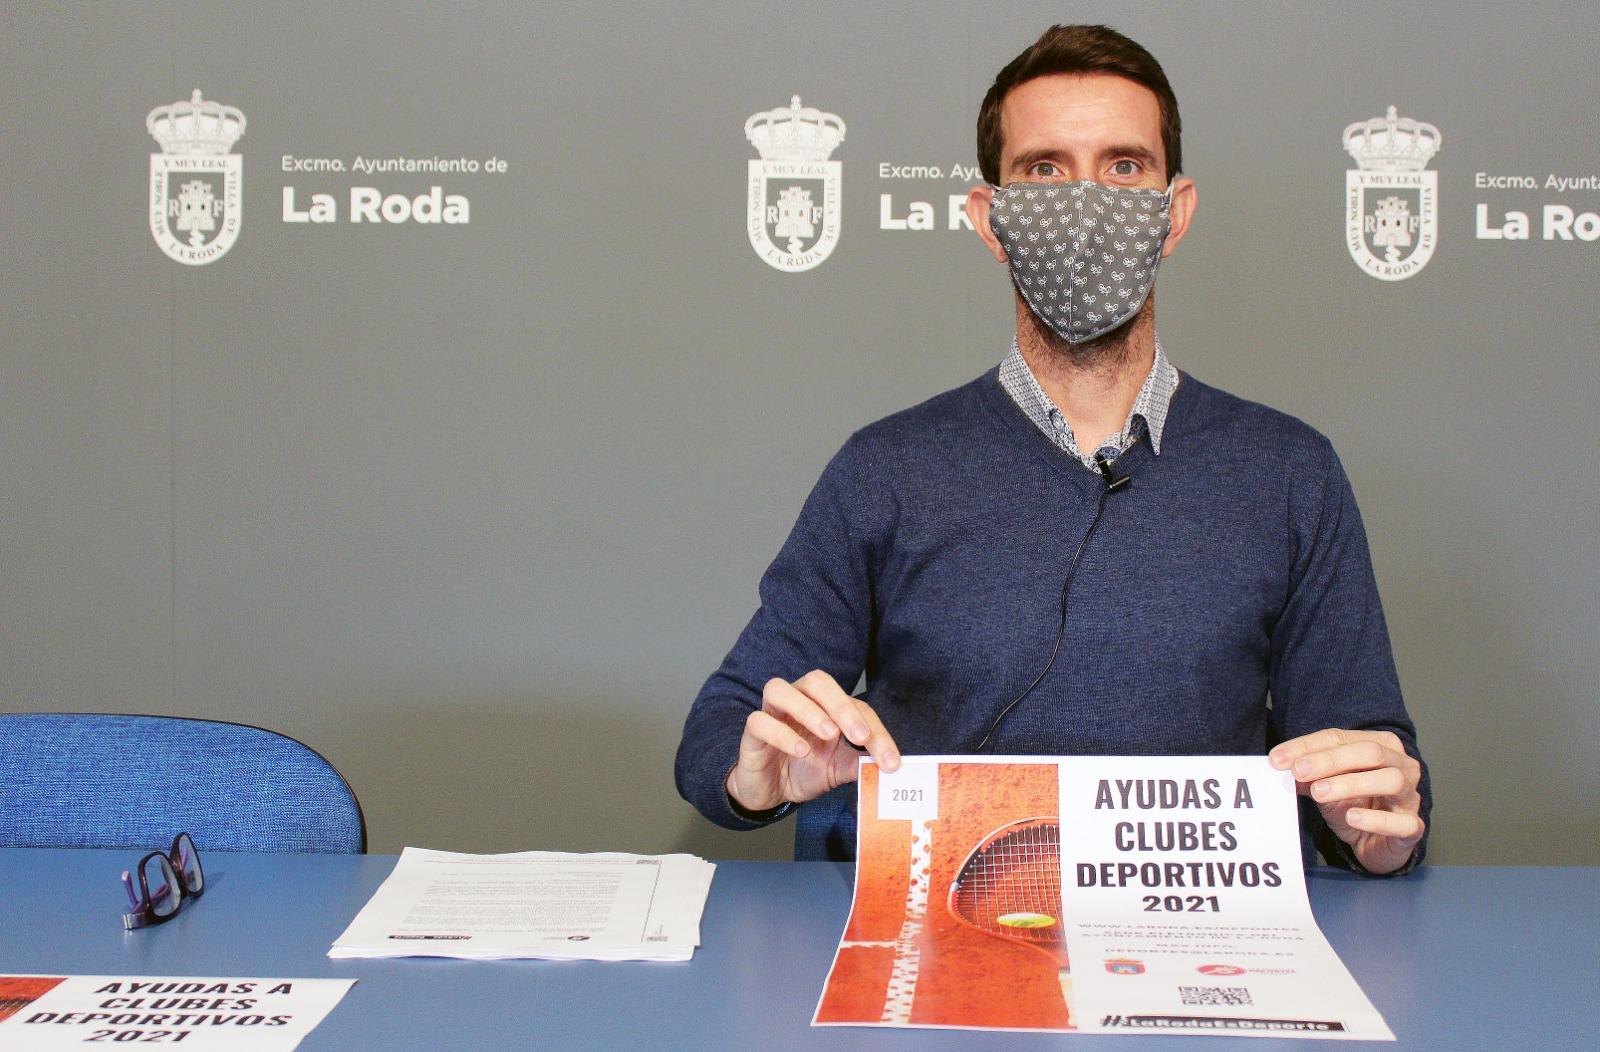 El Ayuntamiento Destinará En 2021 Más De 200.000 Euros A Los Clubes Deportivos